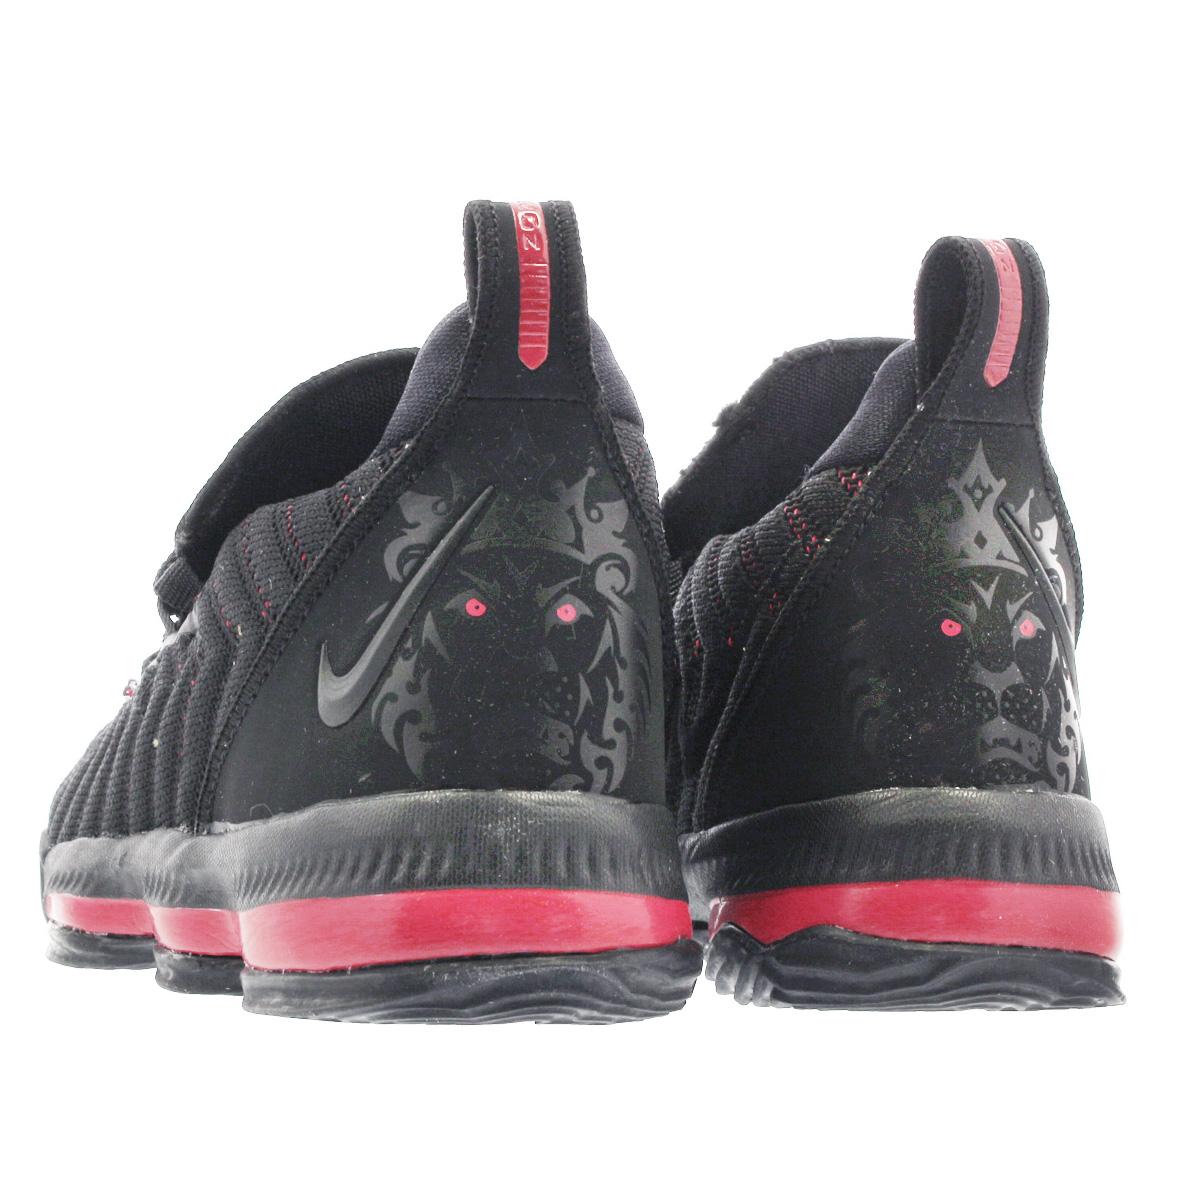 fdd2a5865e3 NIKE LEBRON 16 PS Nike Revlon 16 PS BLACK UNIVERSITY RED aq2467-002